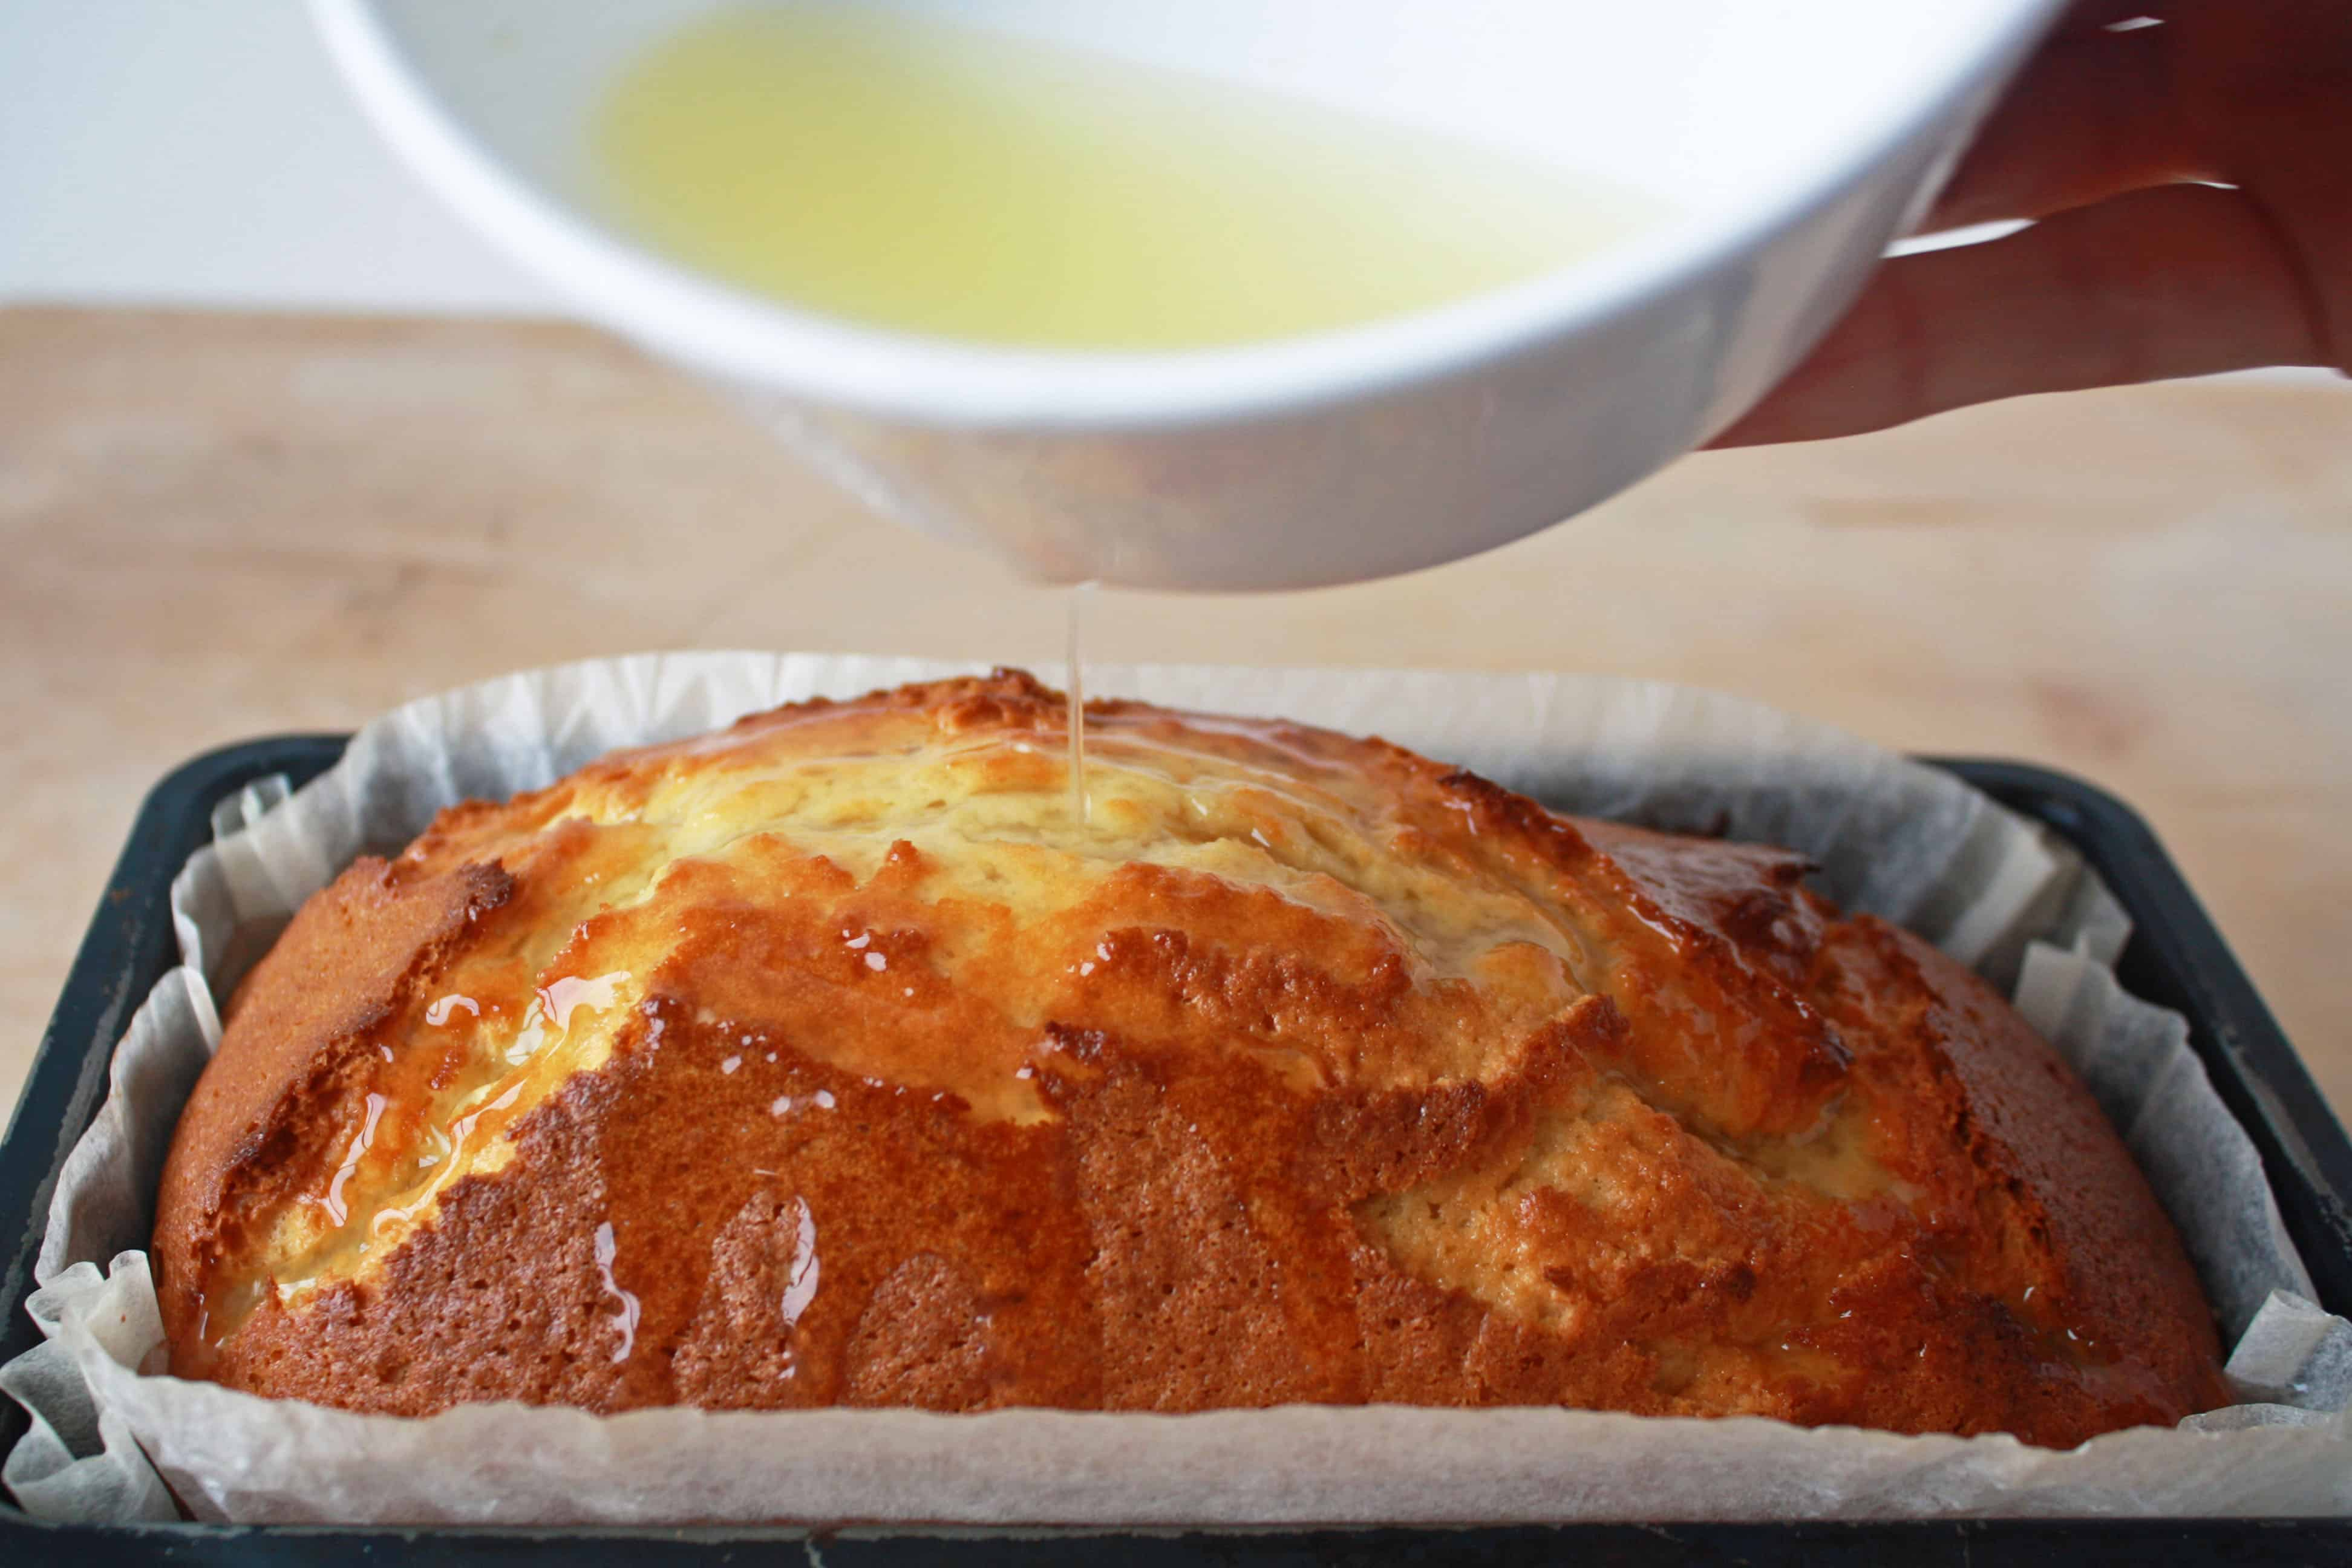 Drizzling lemon juice over lemon loaf cake